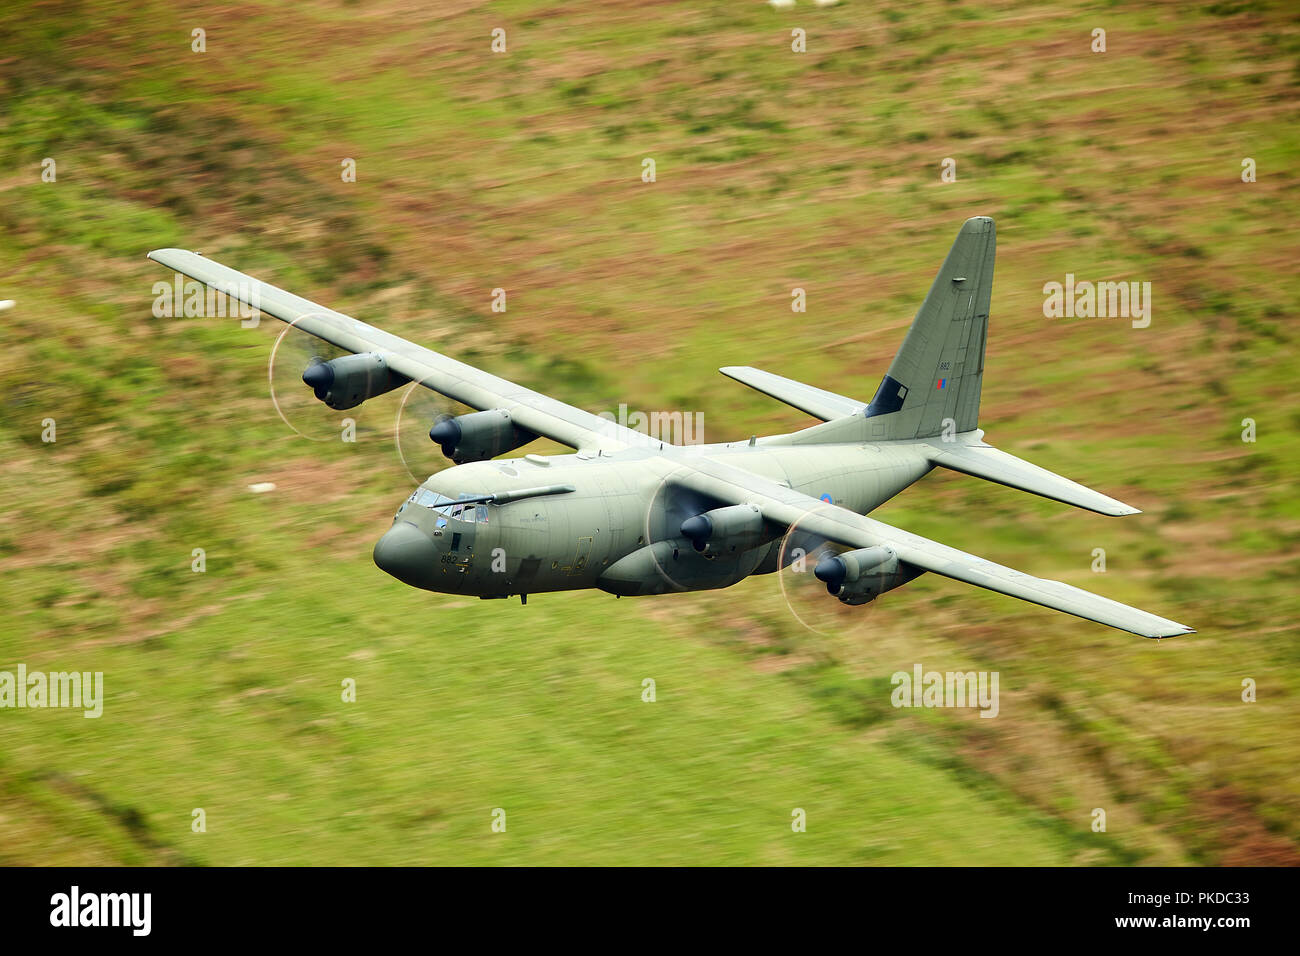 RAF Hercules C-130 in the Mach Loop, North Wales, UK Stock Photo